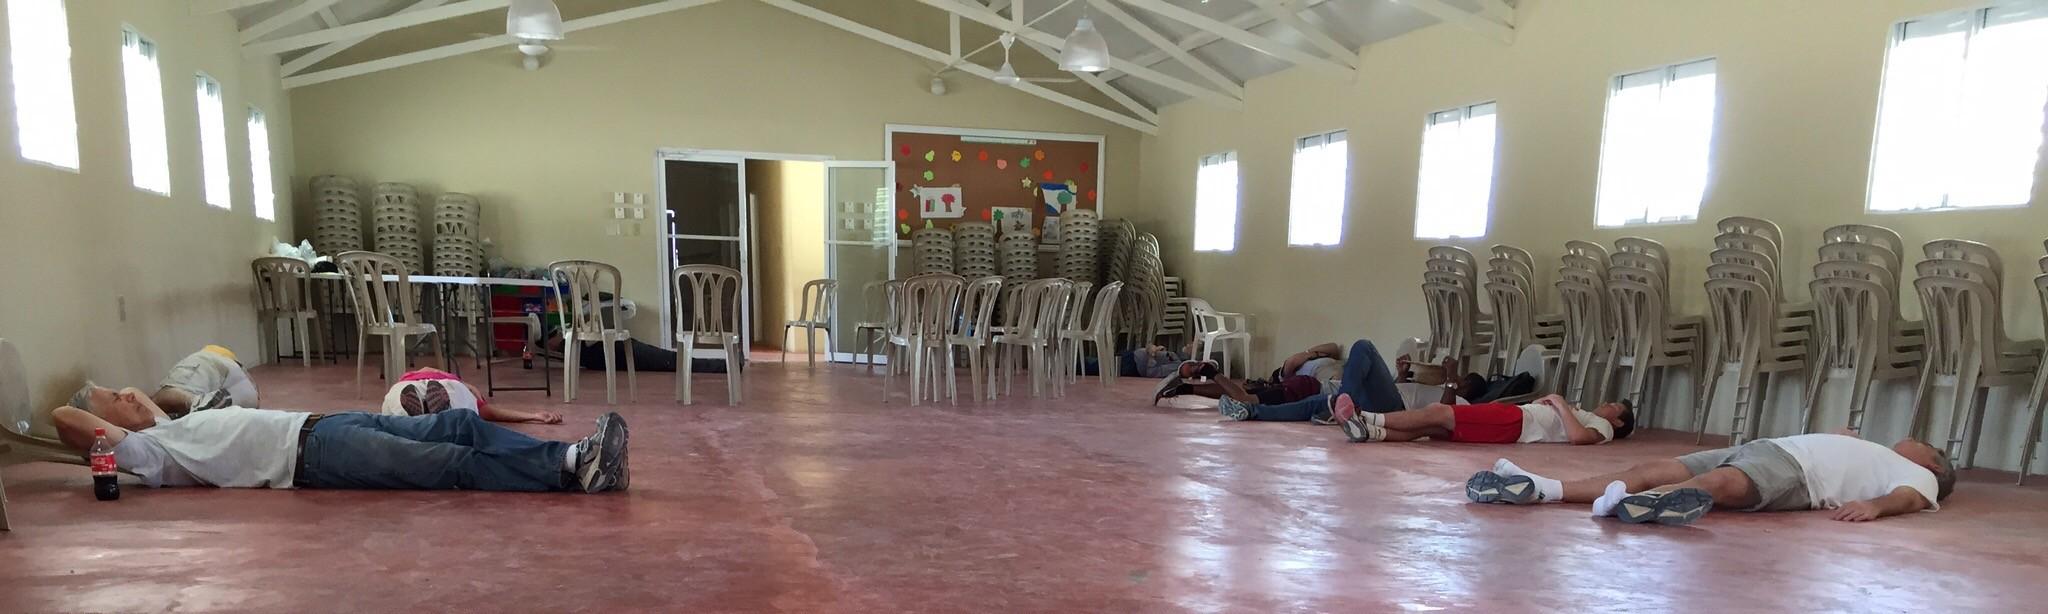 Dominican Republic, February 6th – 12th, 2016; Trip Update 2